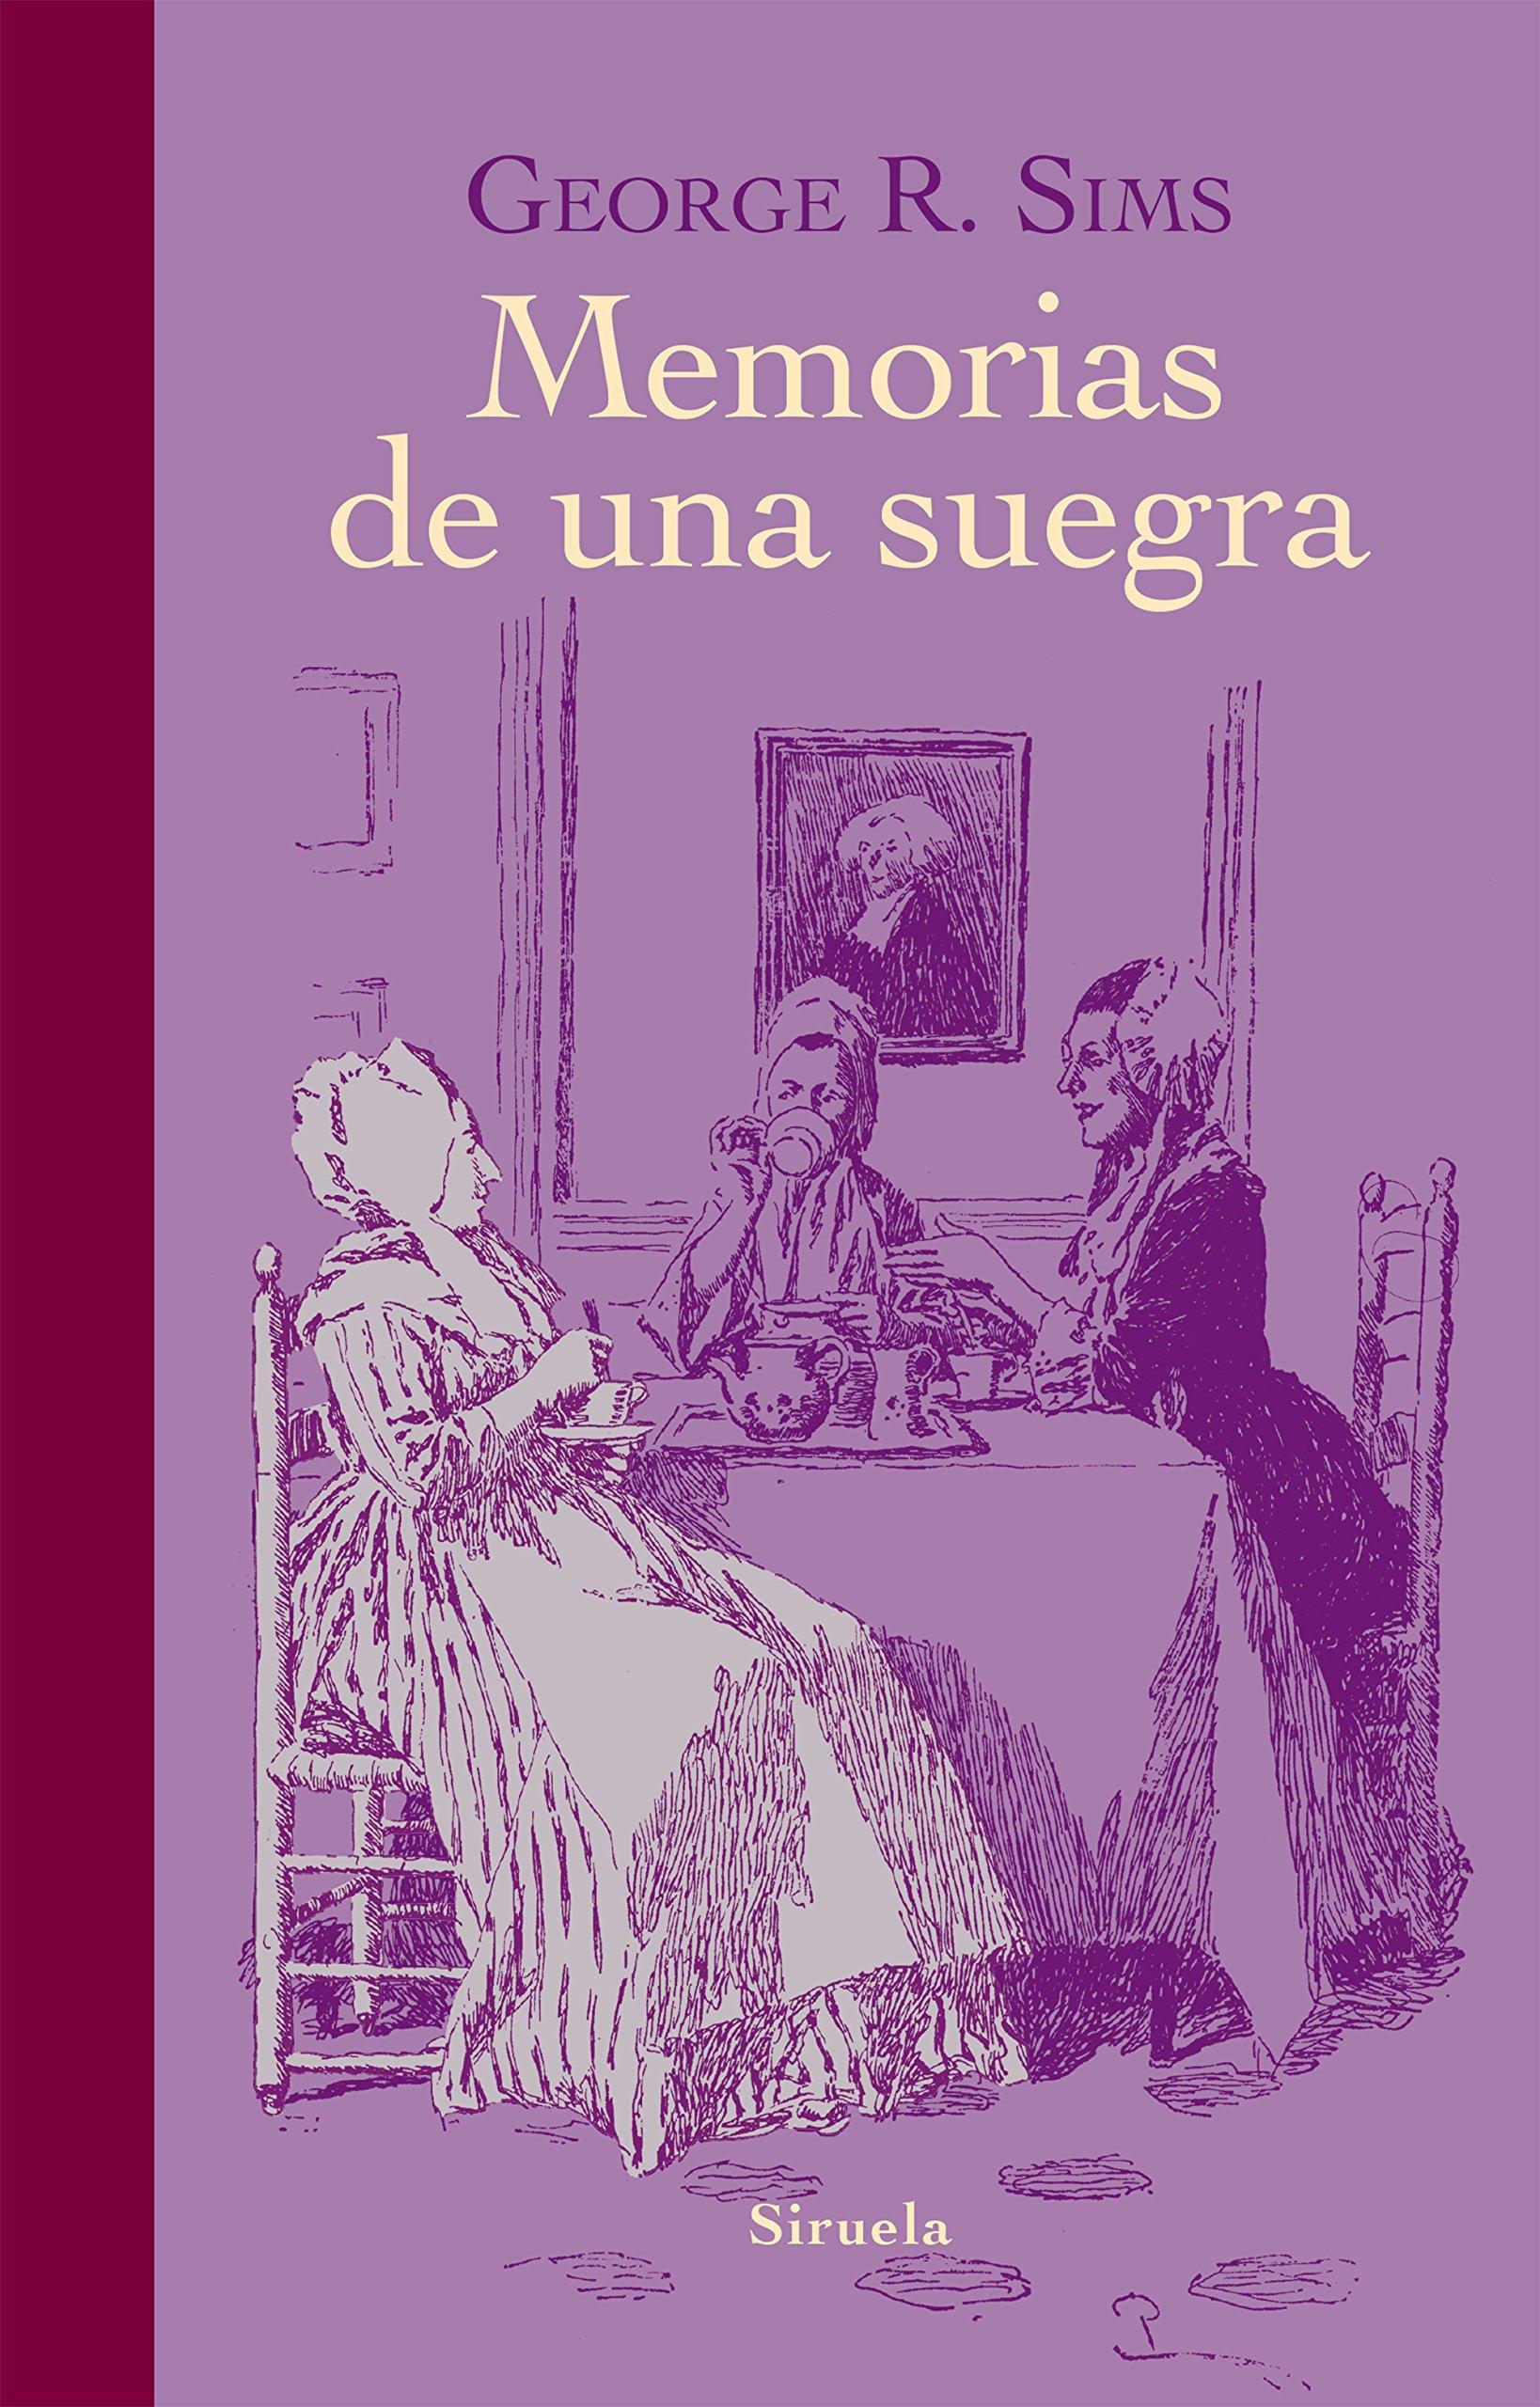 Memorias De Una Suegra (Libros del Tiempo) Tapa dura – 11 mar 2015 George R. Sims Alejandro Palomas Pubill Siruela 8416280363